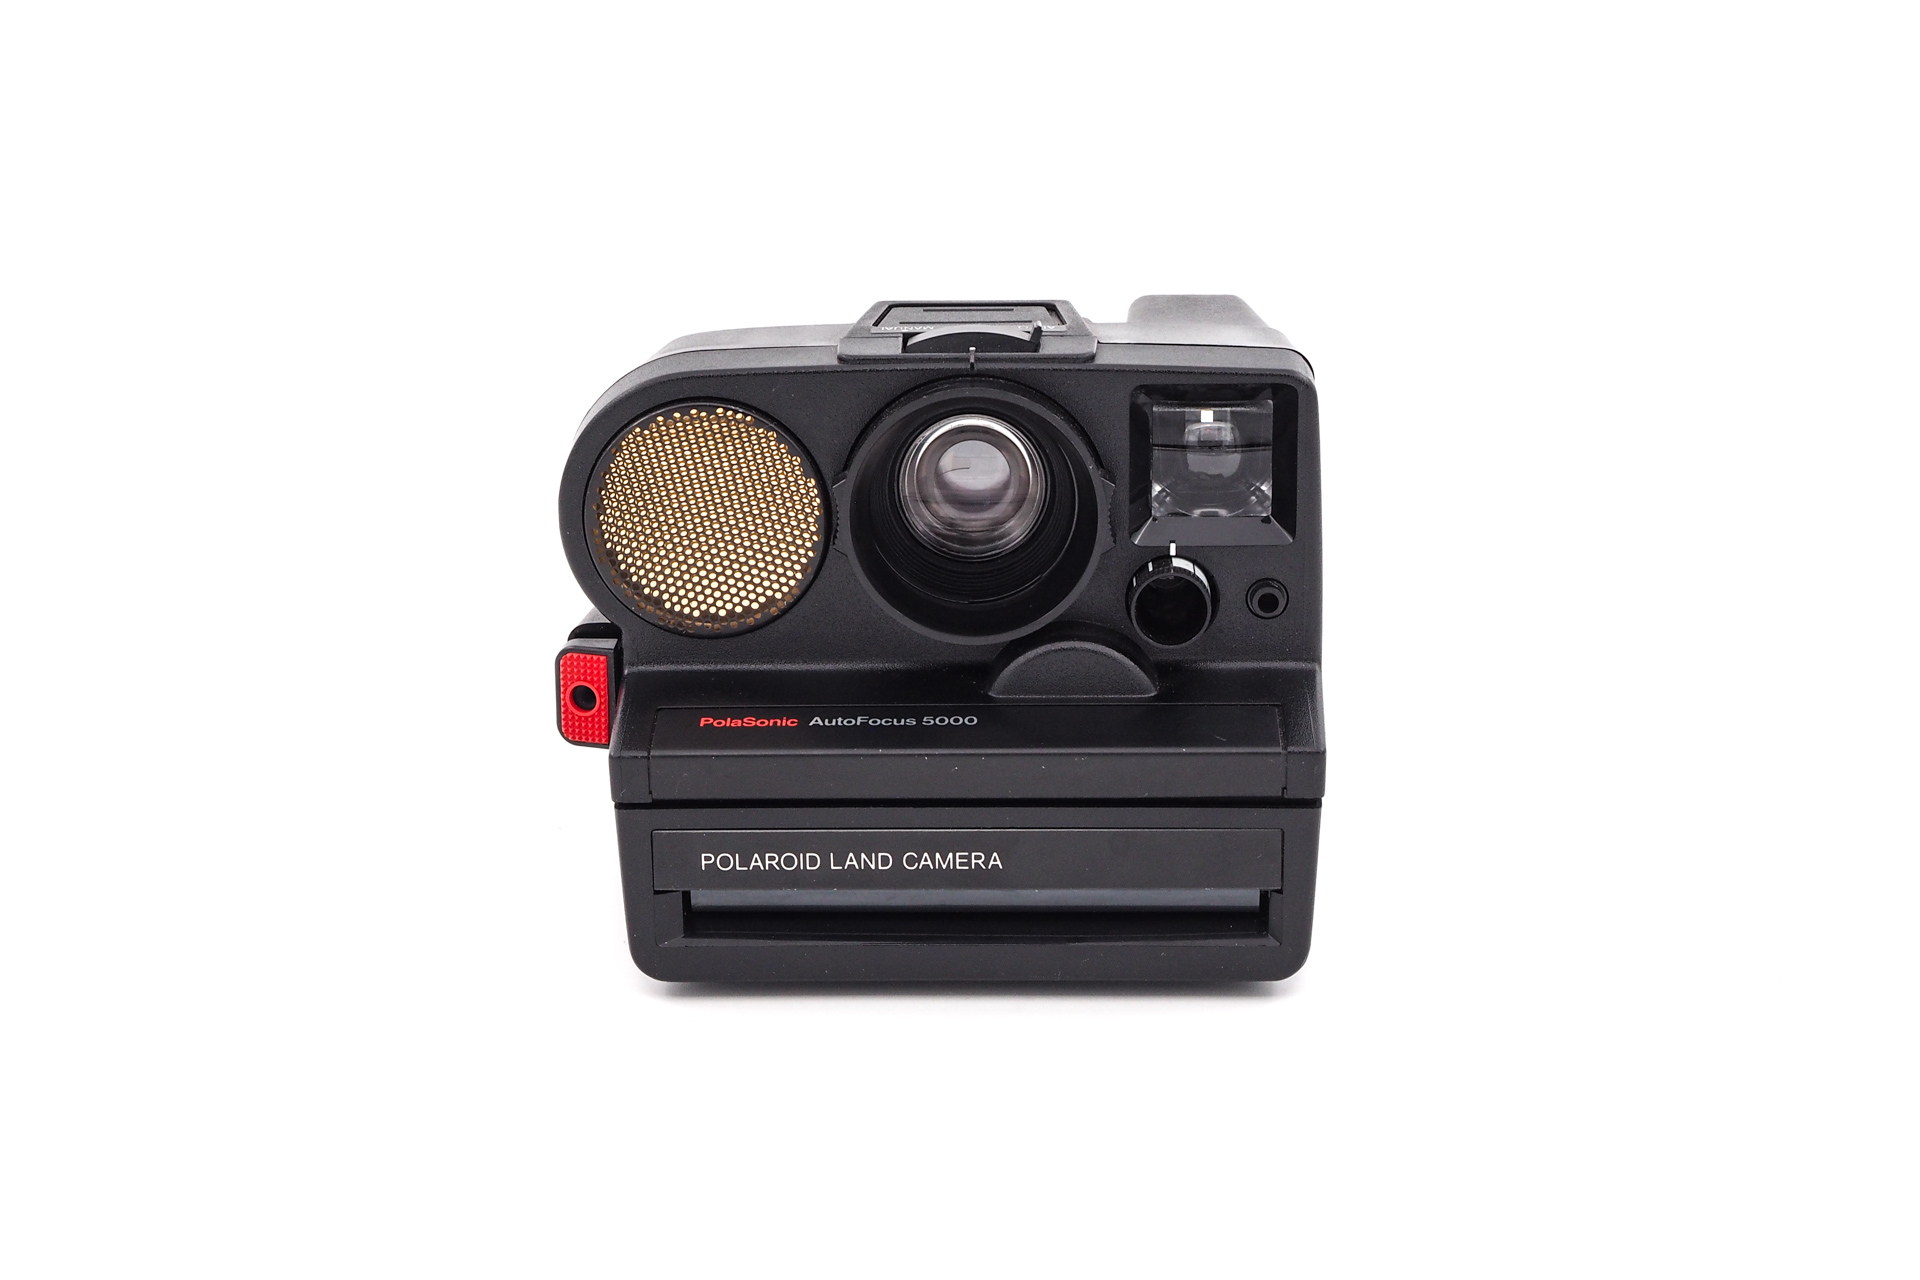 Polaroid Autofocus 5000 SX-70